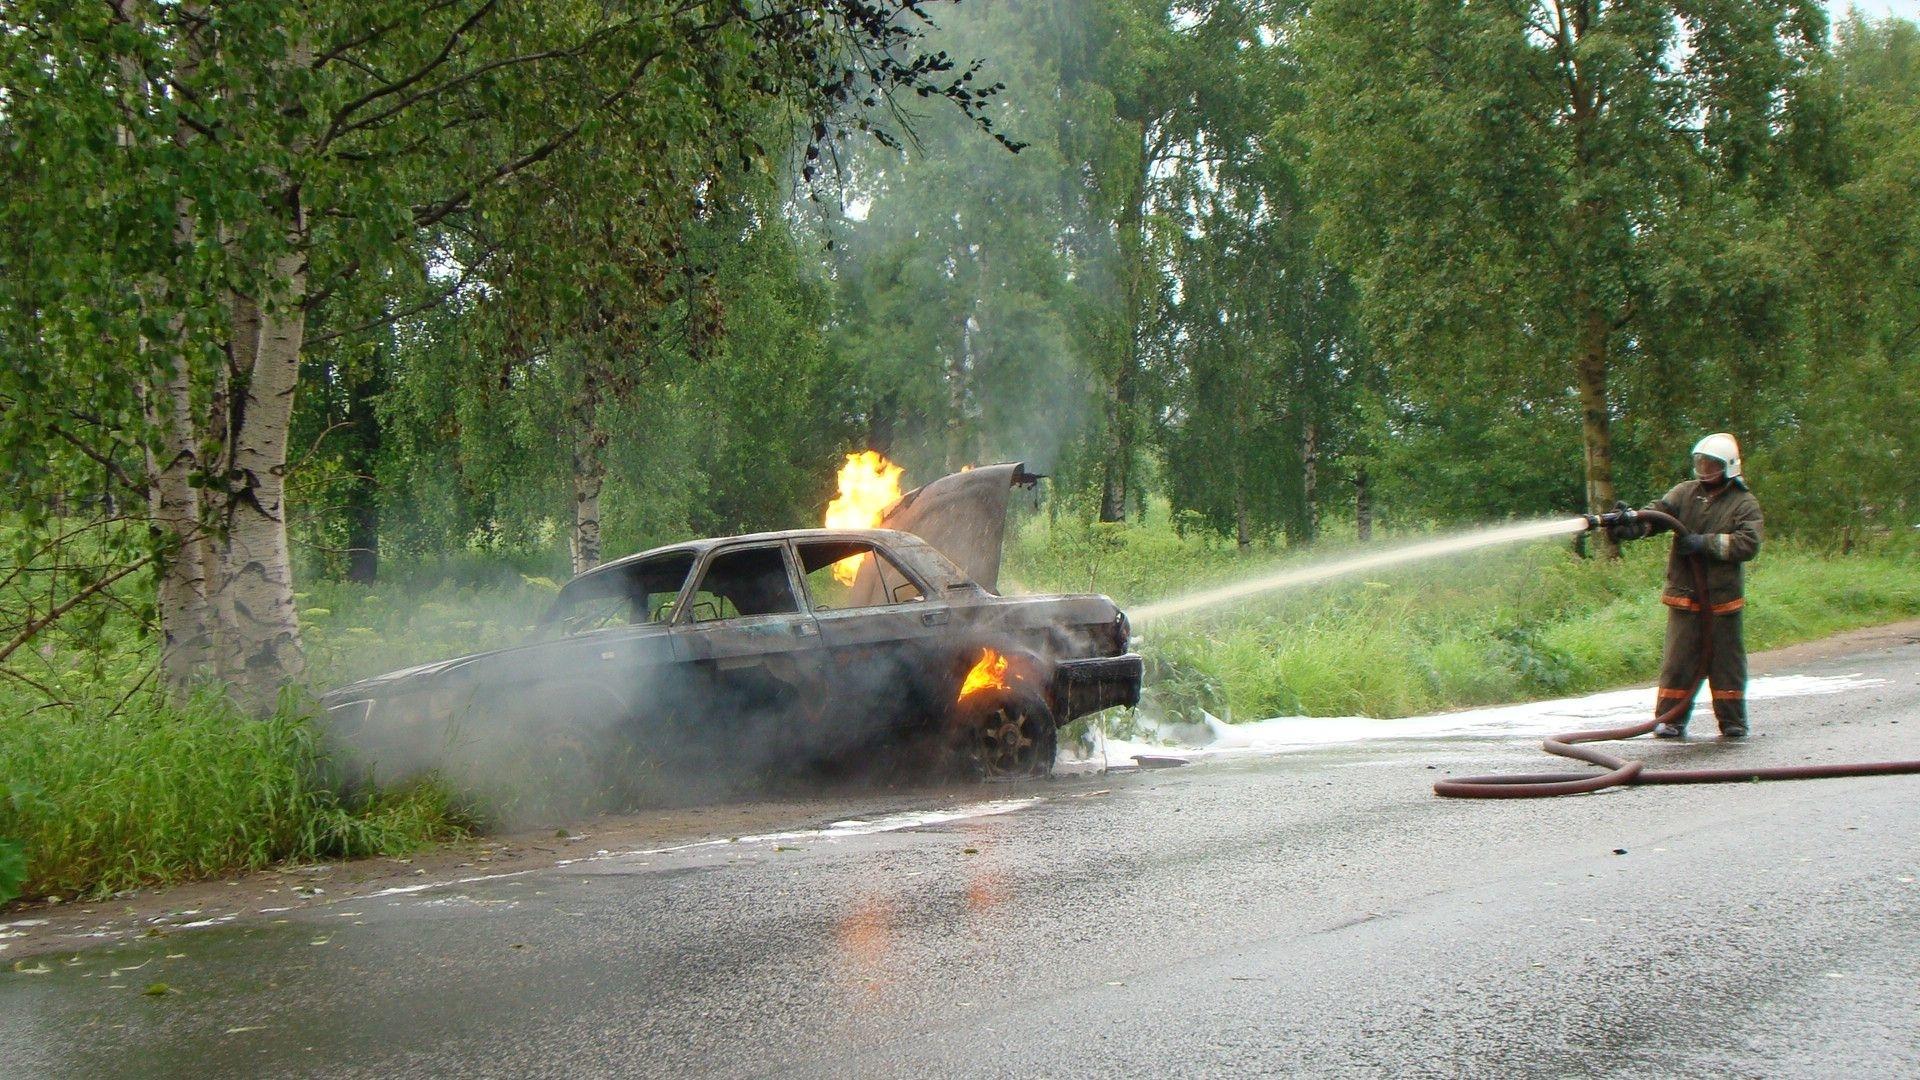 Пожарно-спасательные подразделения ликвидировали пожар в Холмогорском районе Архангельской области.